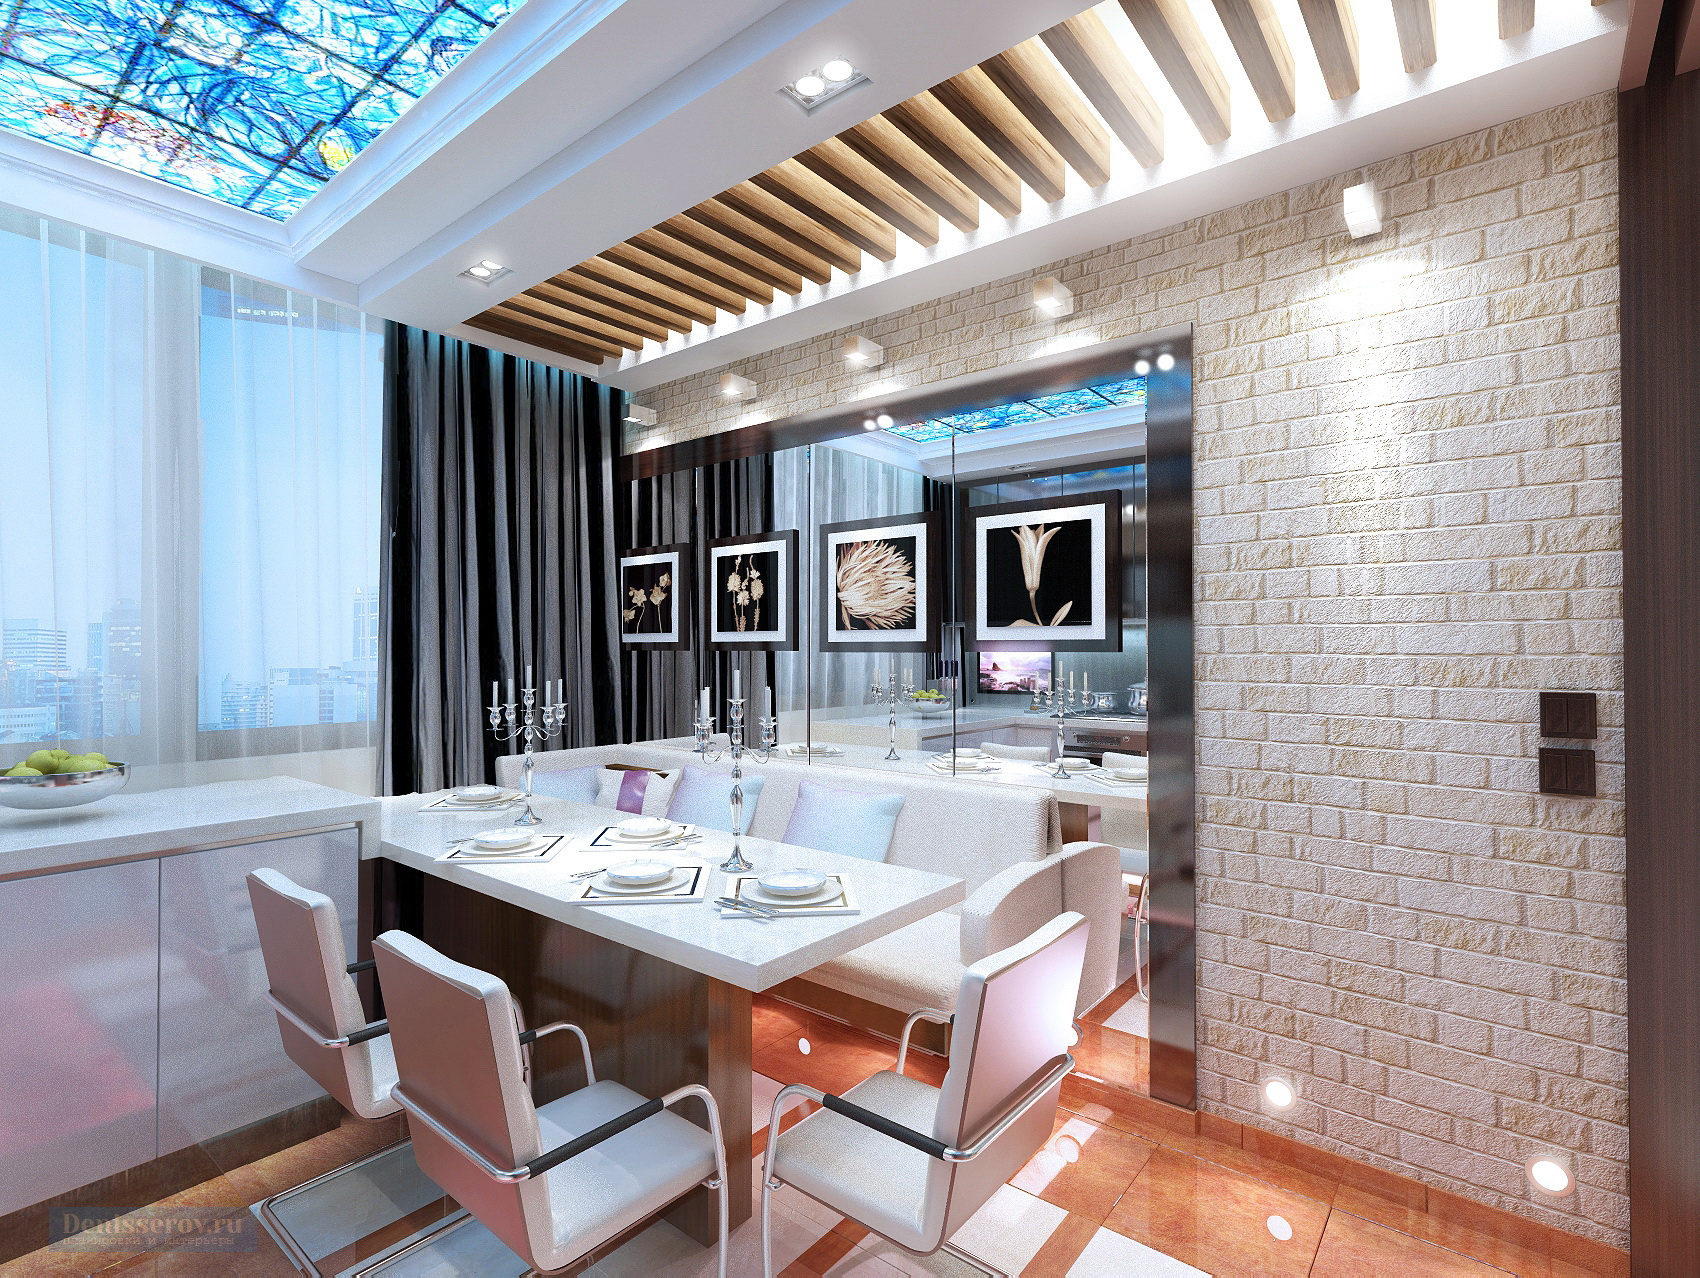 Дизайн-проект однокомнатной квартиры 48 кв.м.